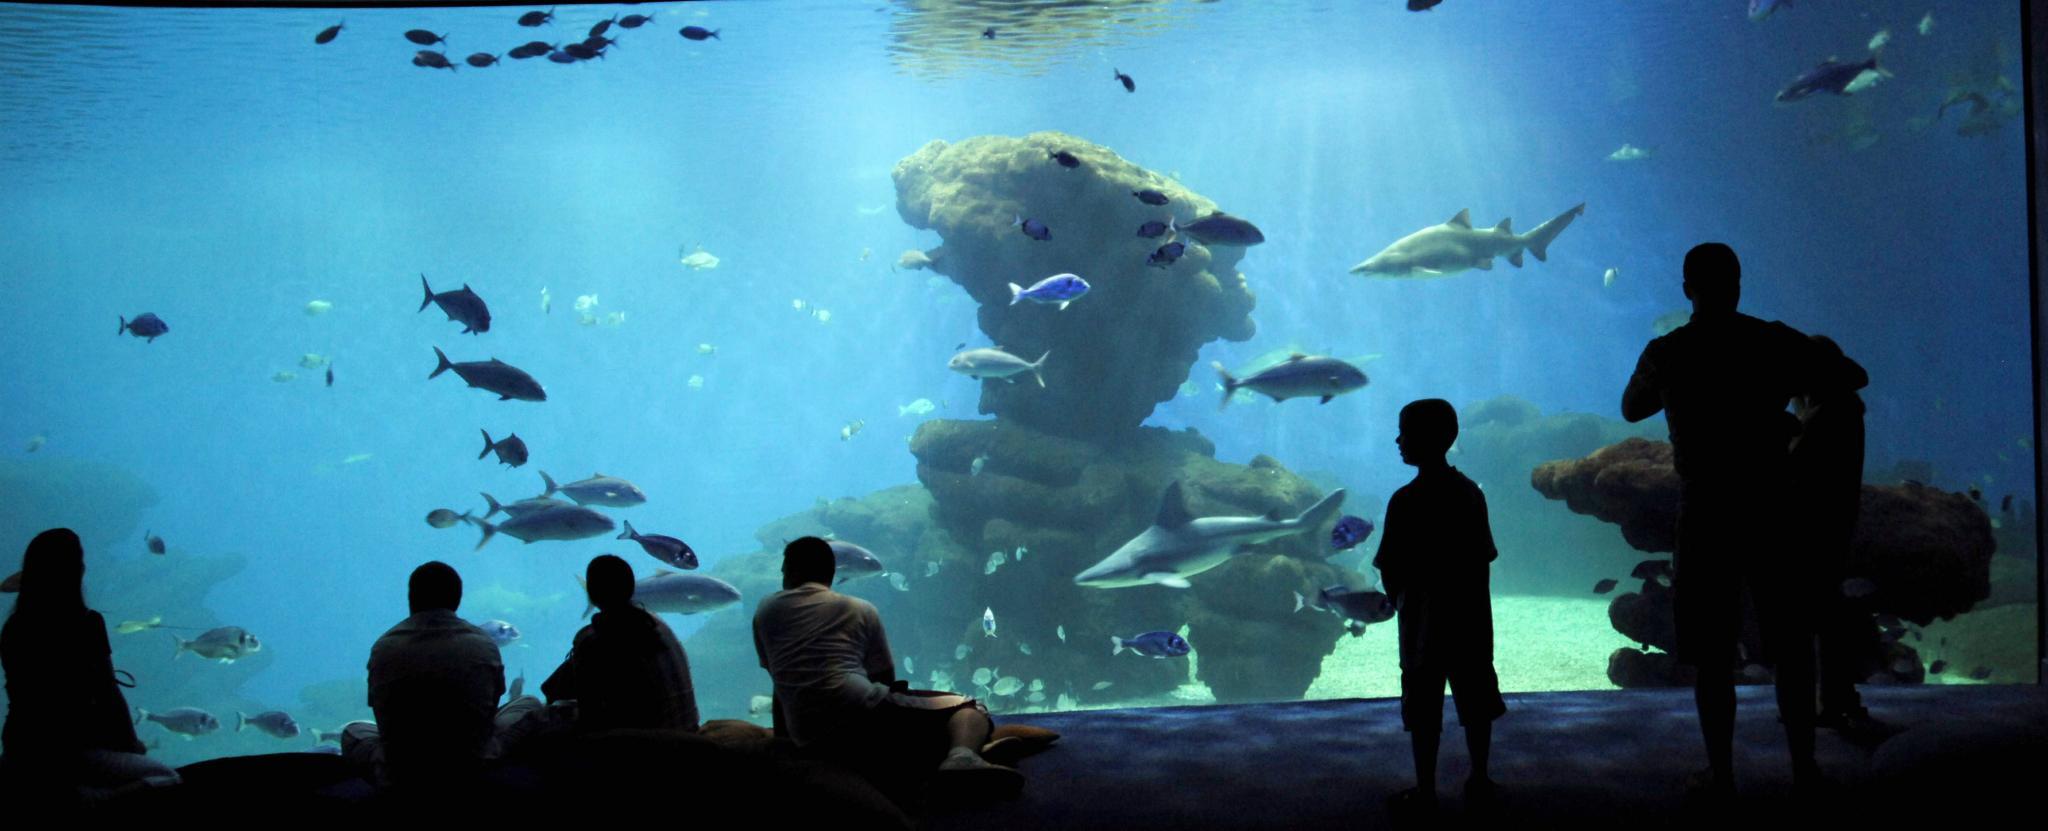 PALMA. ACUARIO. Más de 100 niños disfrutan del campus de verano en el Palma Aquarium .